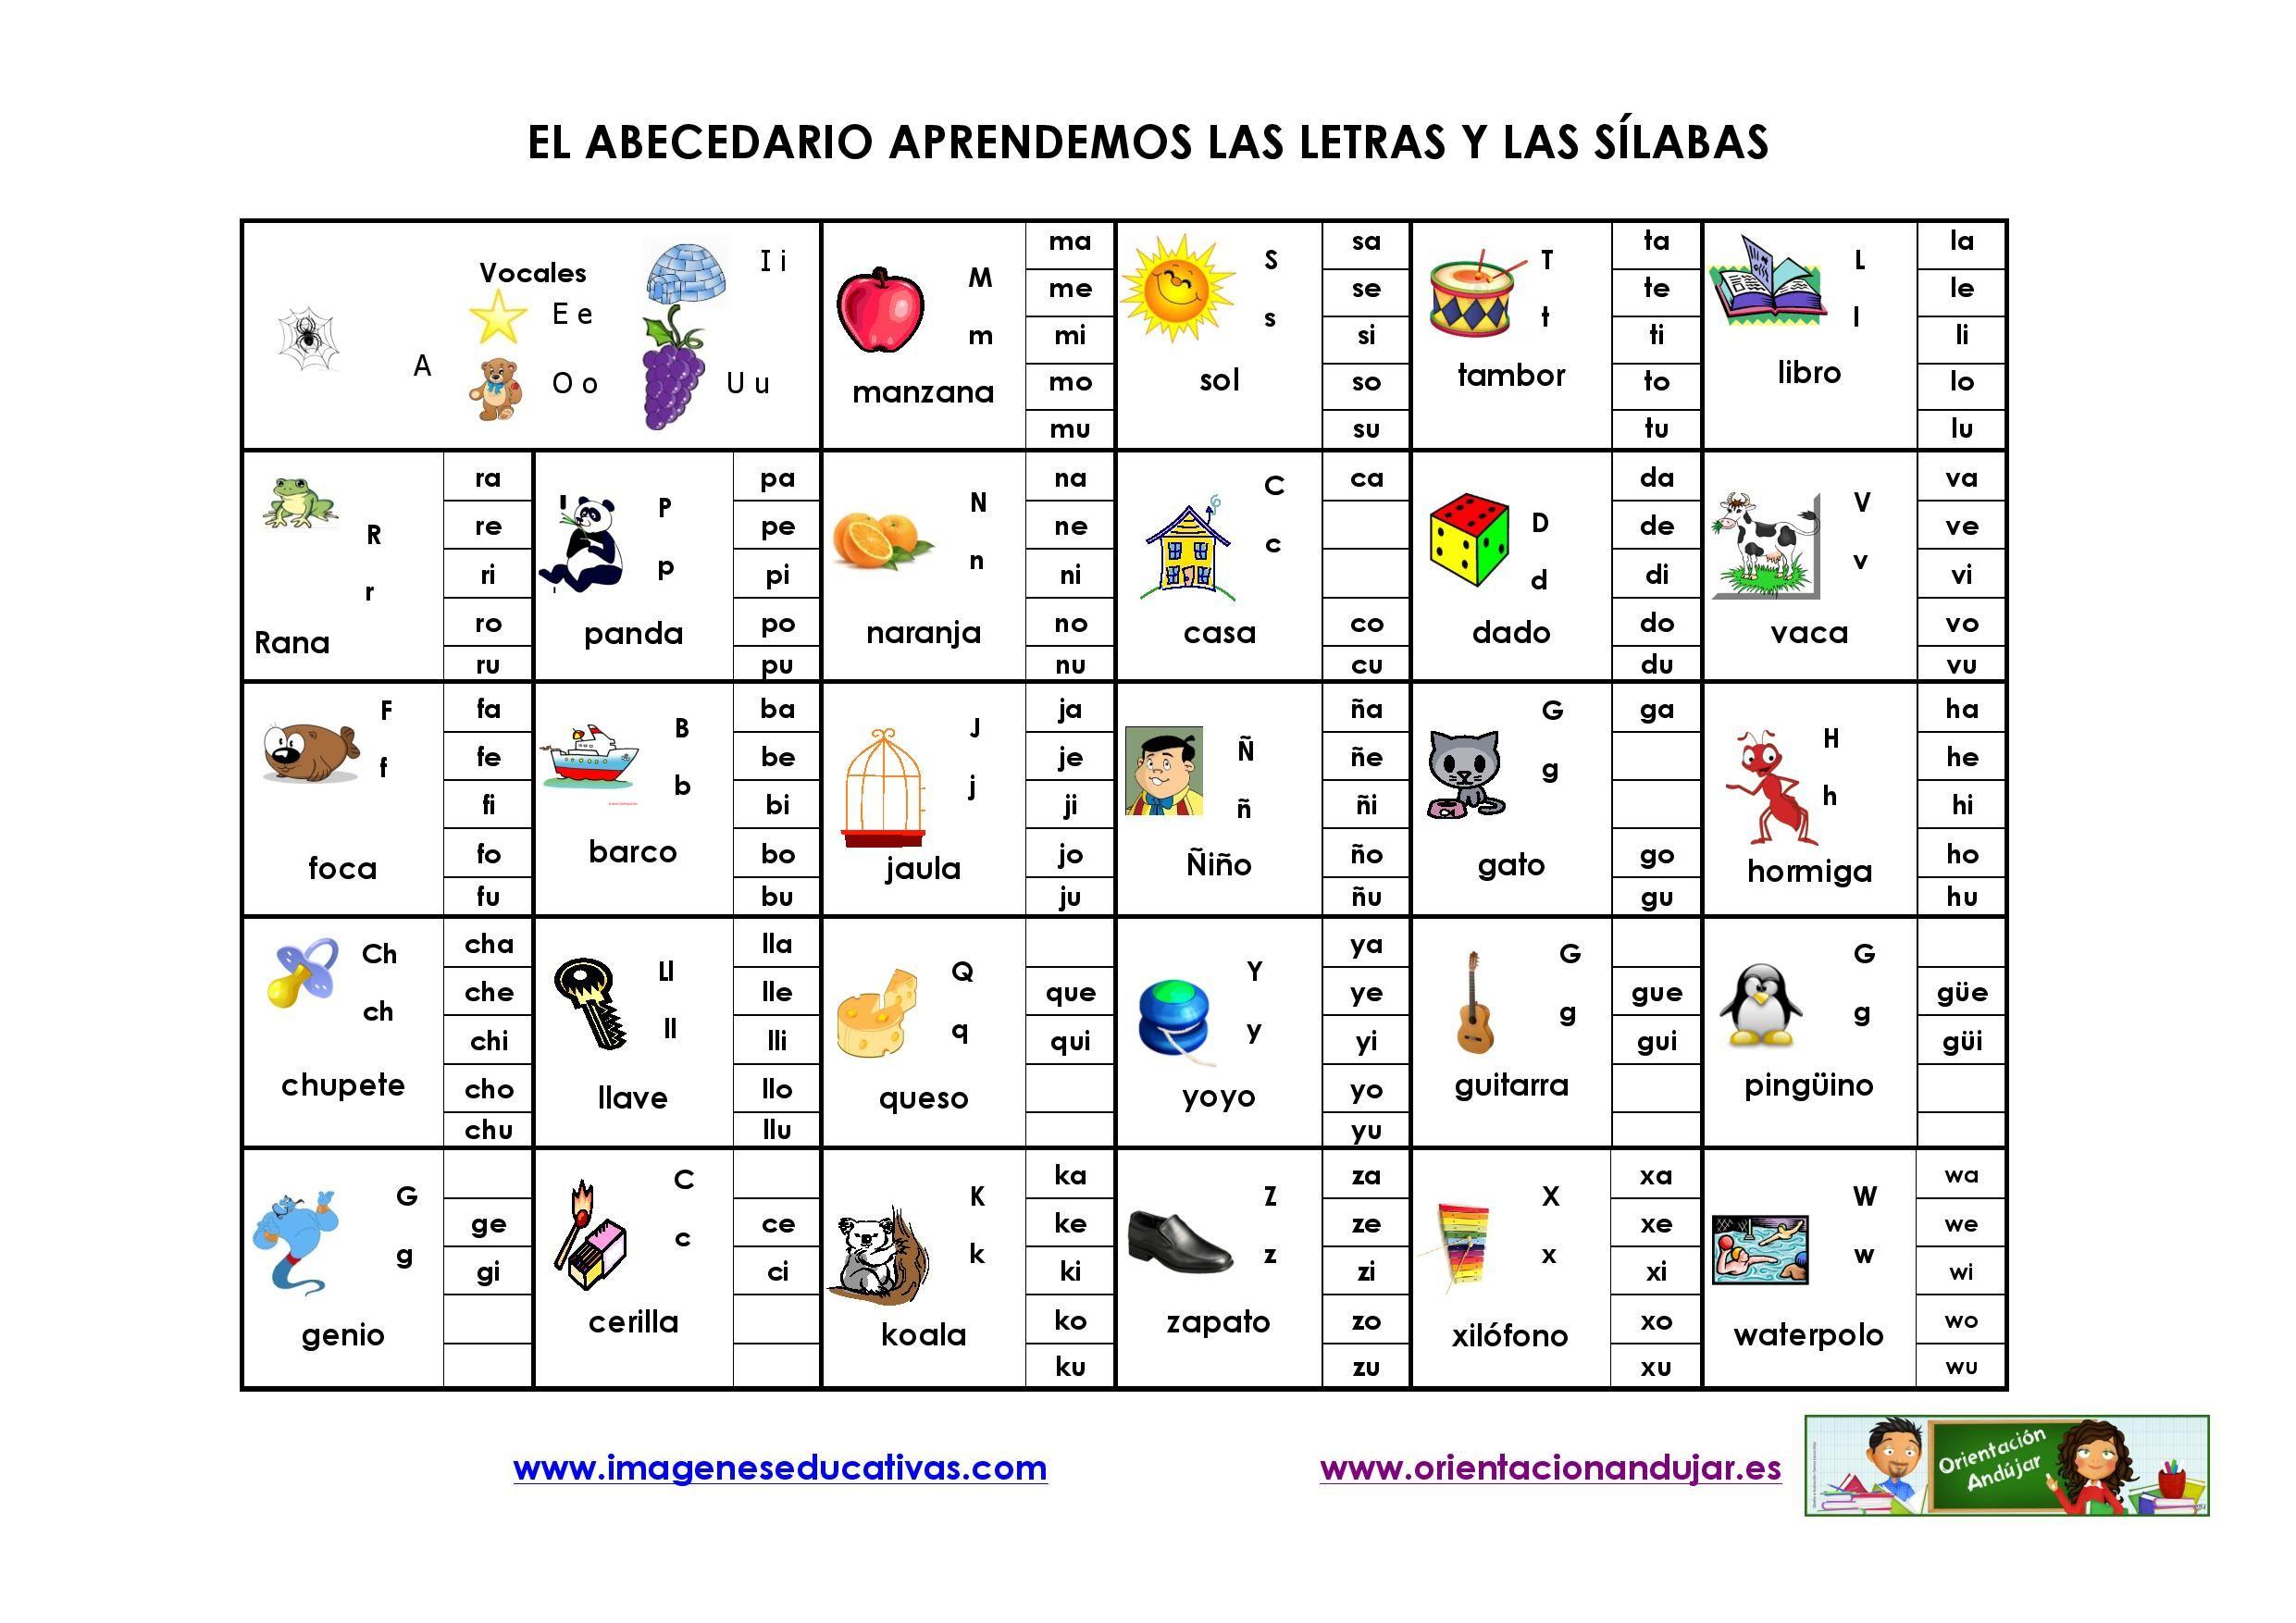 El Abecedario Aprendemos Las Letras Y Las Silabas Os